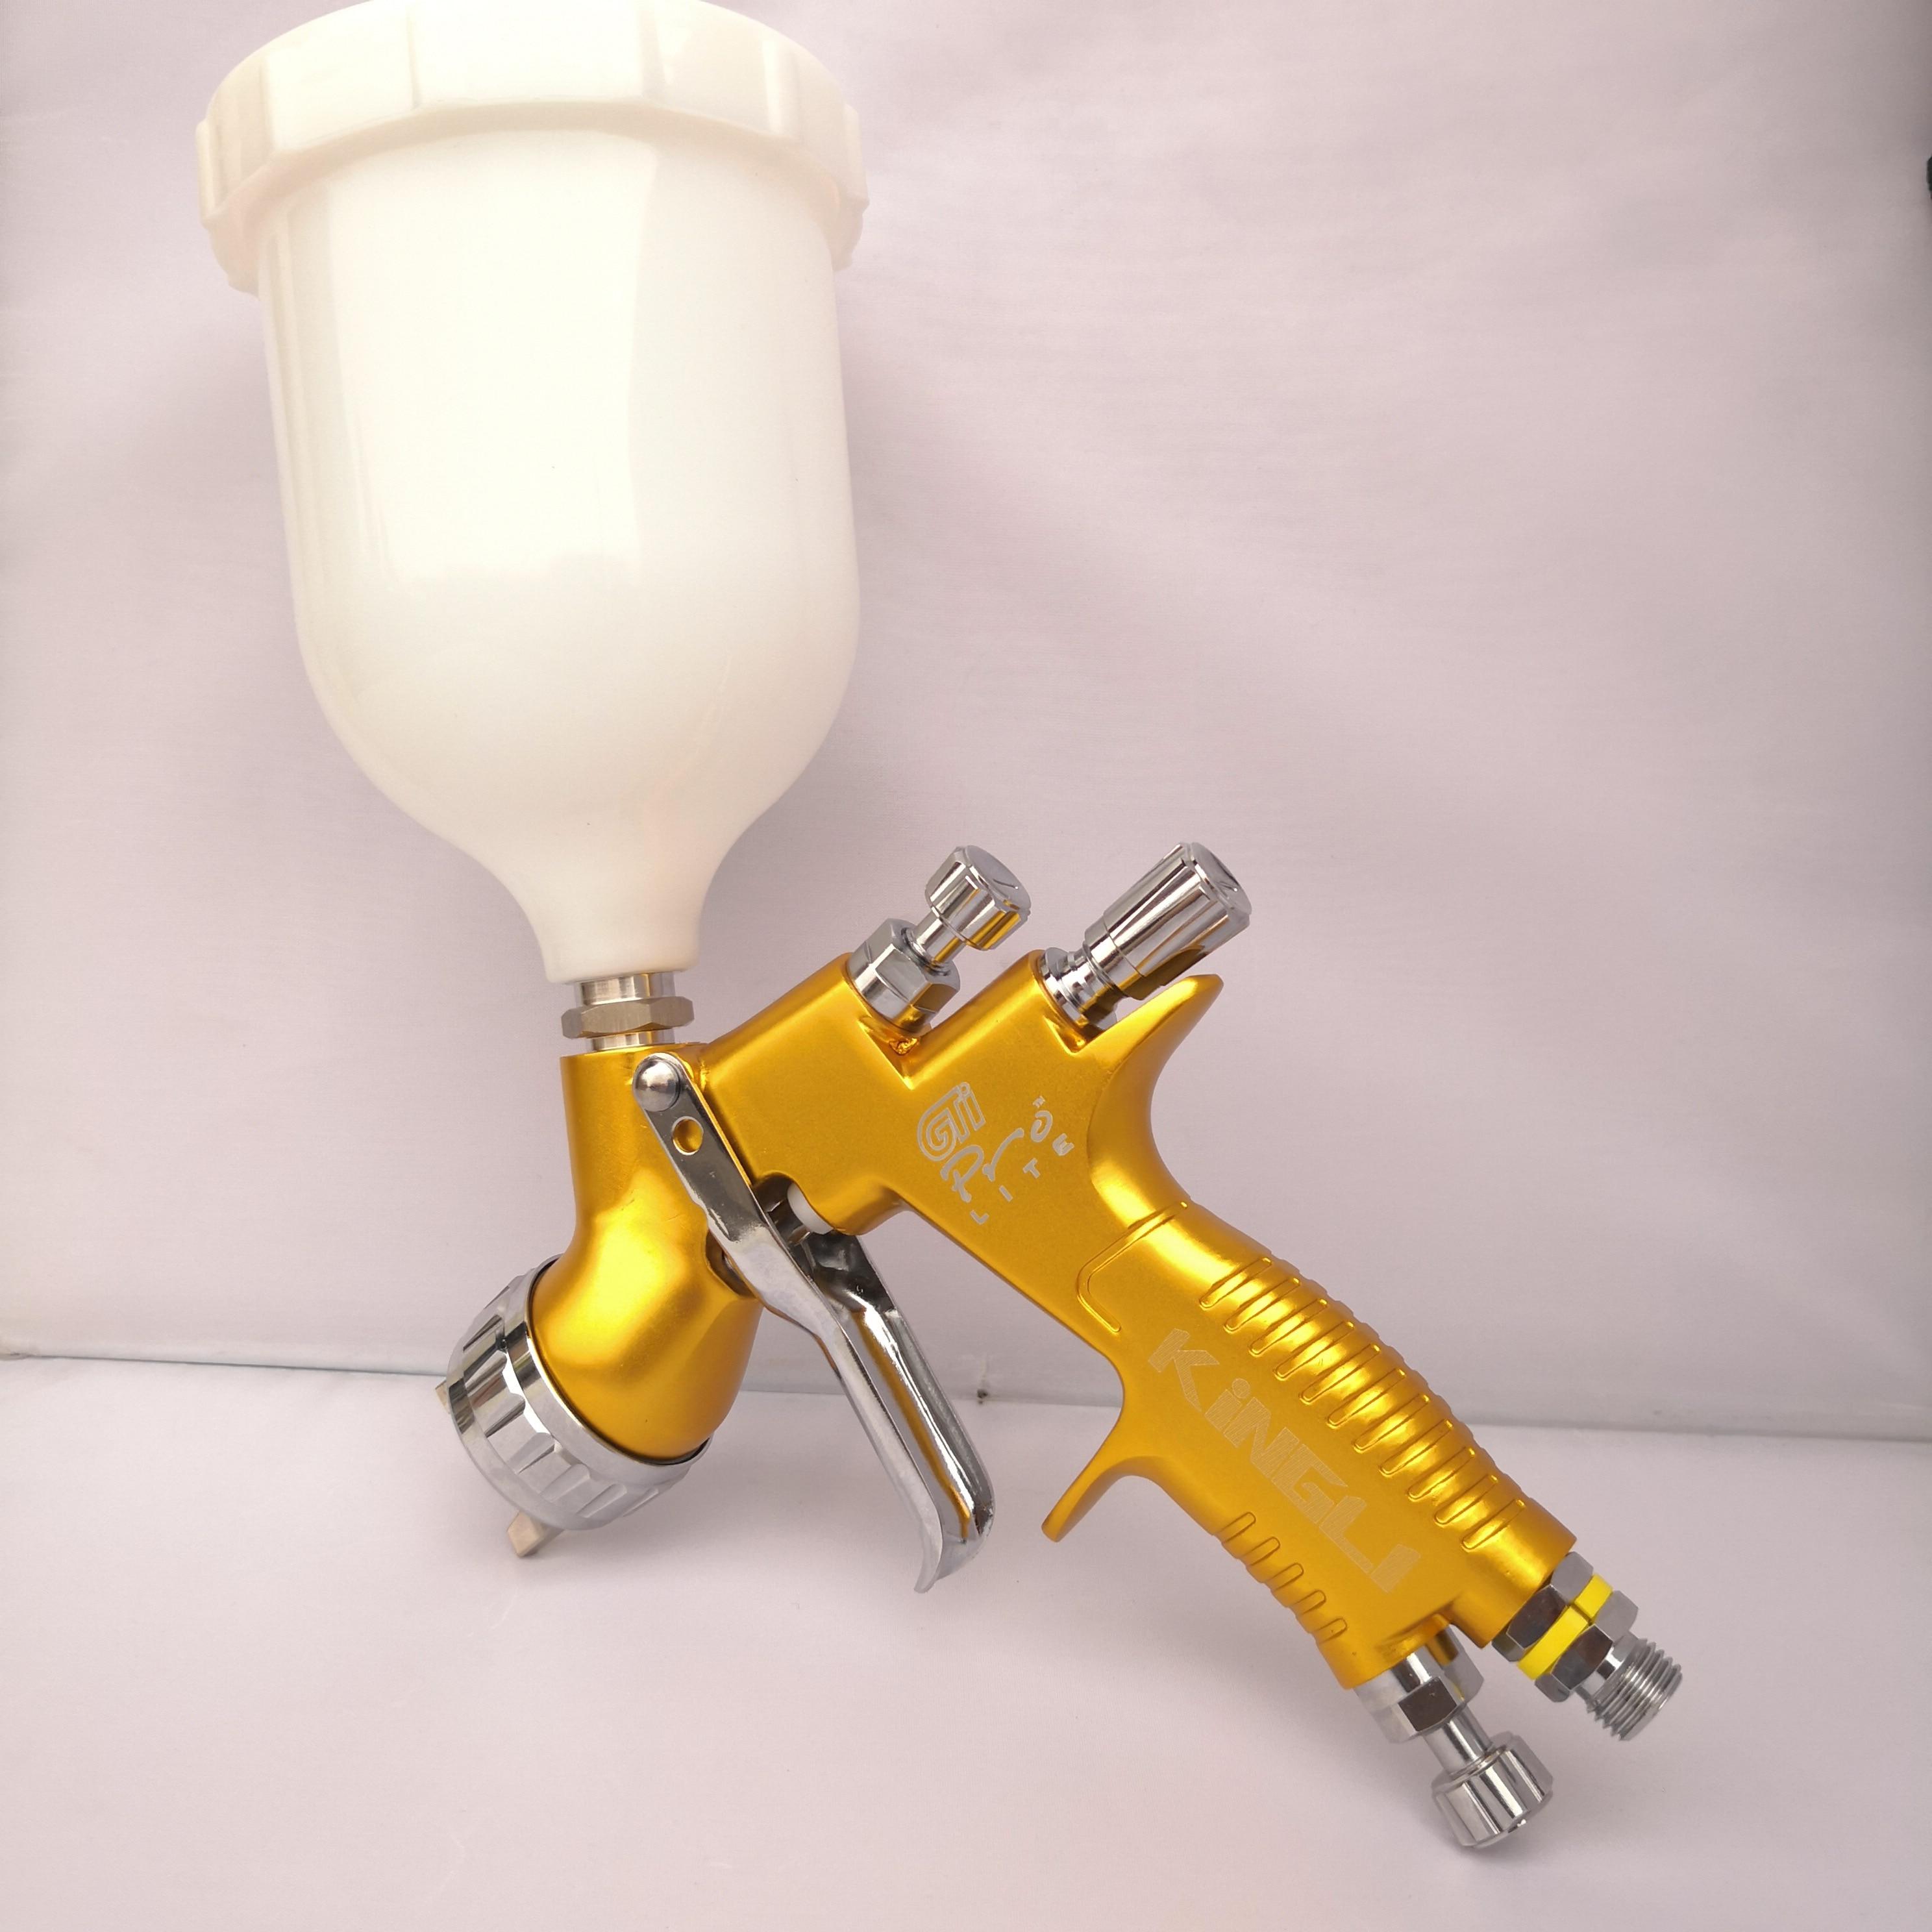 Professionnel Sparyer GTI PRO LITE OR/NOIR 1.3mm noz. W/t tasse LVMP Peinture De Voiture Outil Pistolet Pistolet protection de l'environnement